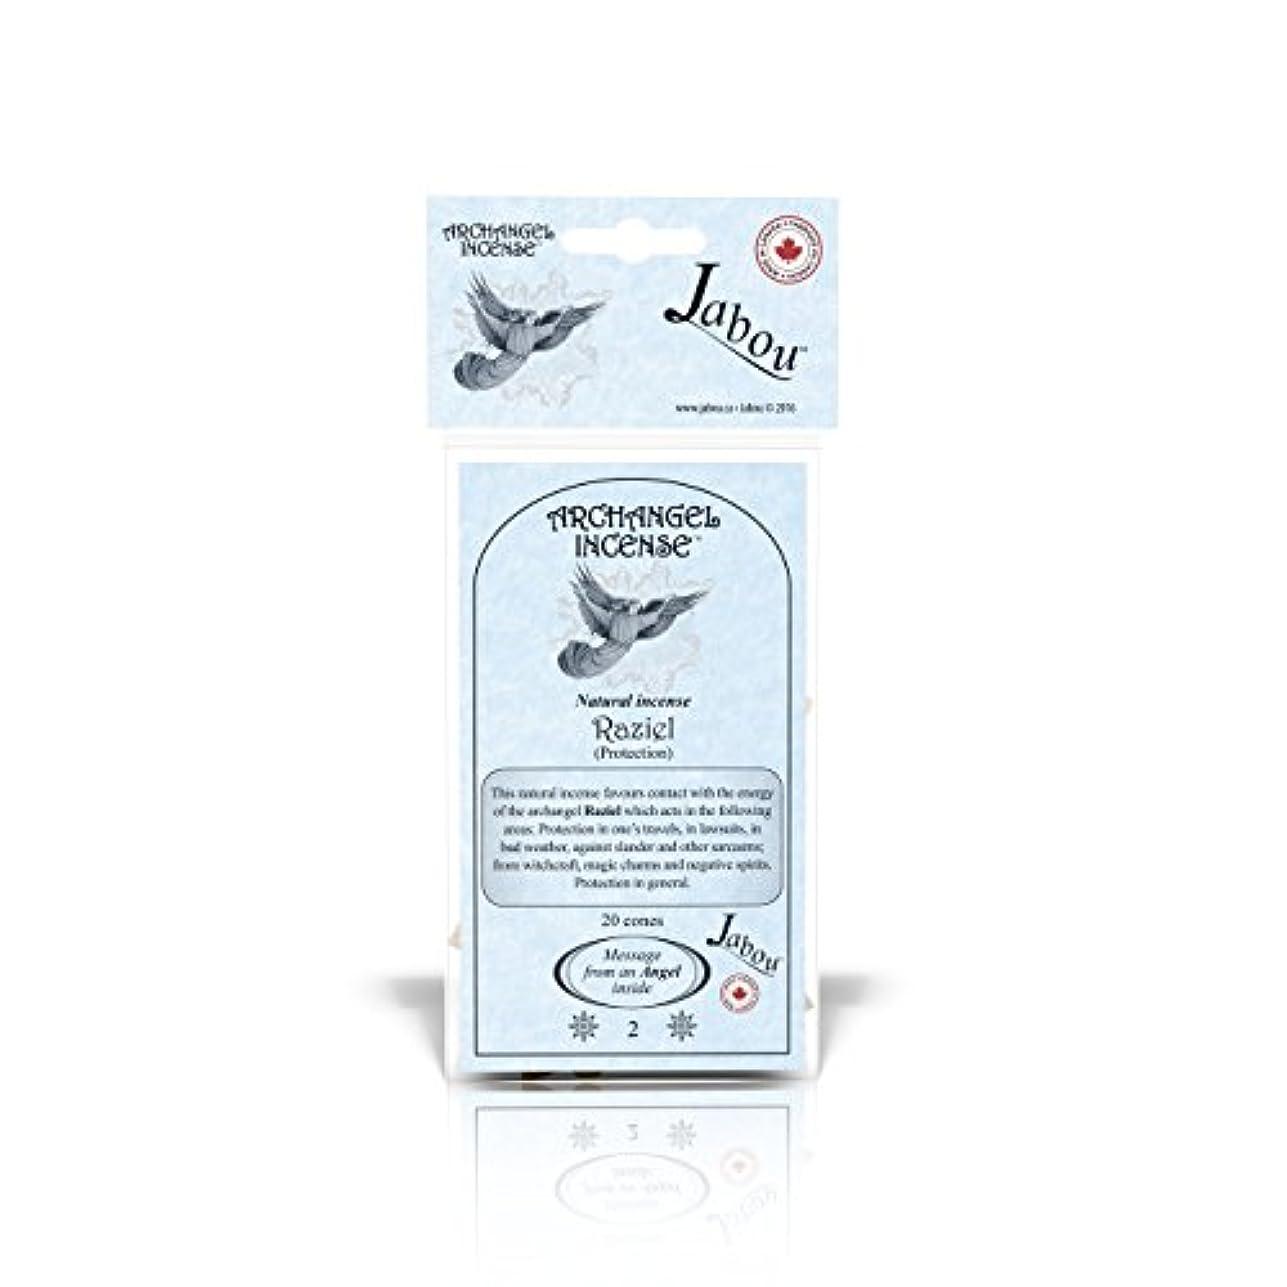 発疹主観的アパートJabou 大天使 100%天然お香 コーン - 12個の香り - 瞑想 ヨガ リラクゼーション マジック ヒーリング 祈り 儀式 - 20個のコーン - 各30分以上持続